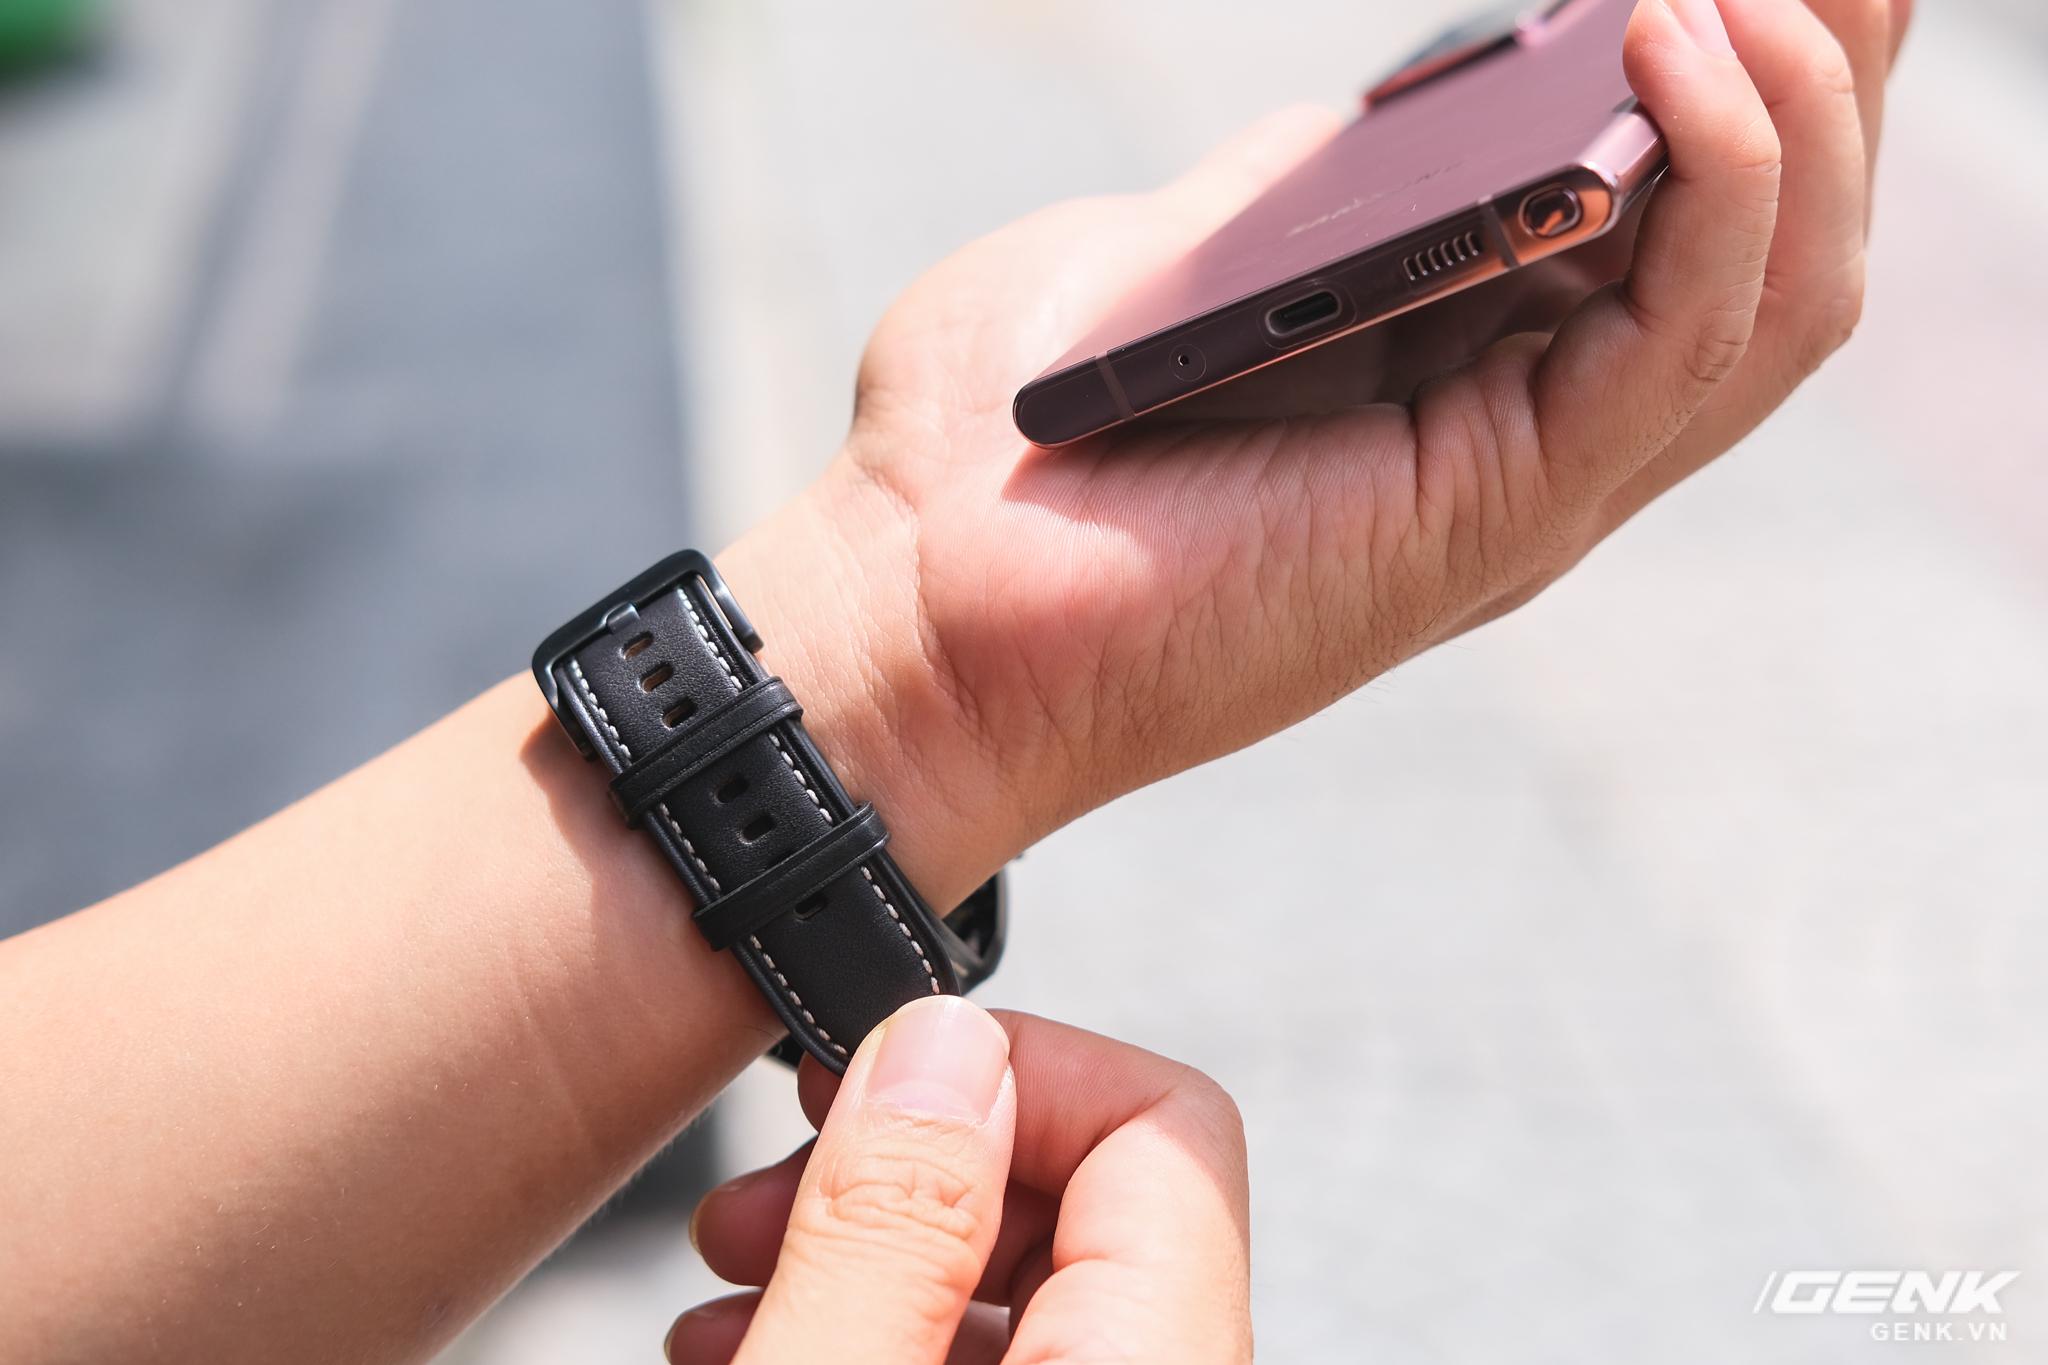 Mở hộp Galaxy Watch3 mặt 45mm: Thiết kế thanh lịch hơn, trang bị khả năng đo nồng độ oxy trong máu, có hơn 120 bài tập tại nhà, bản GPS giá từ 9,99 triệu đồng - Ảnh 10.